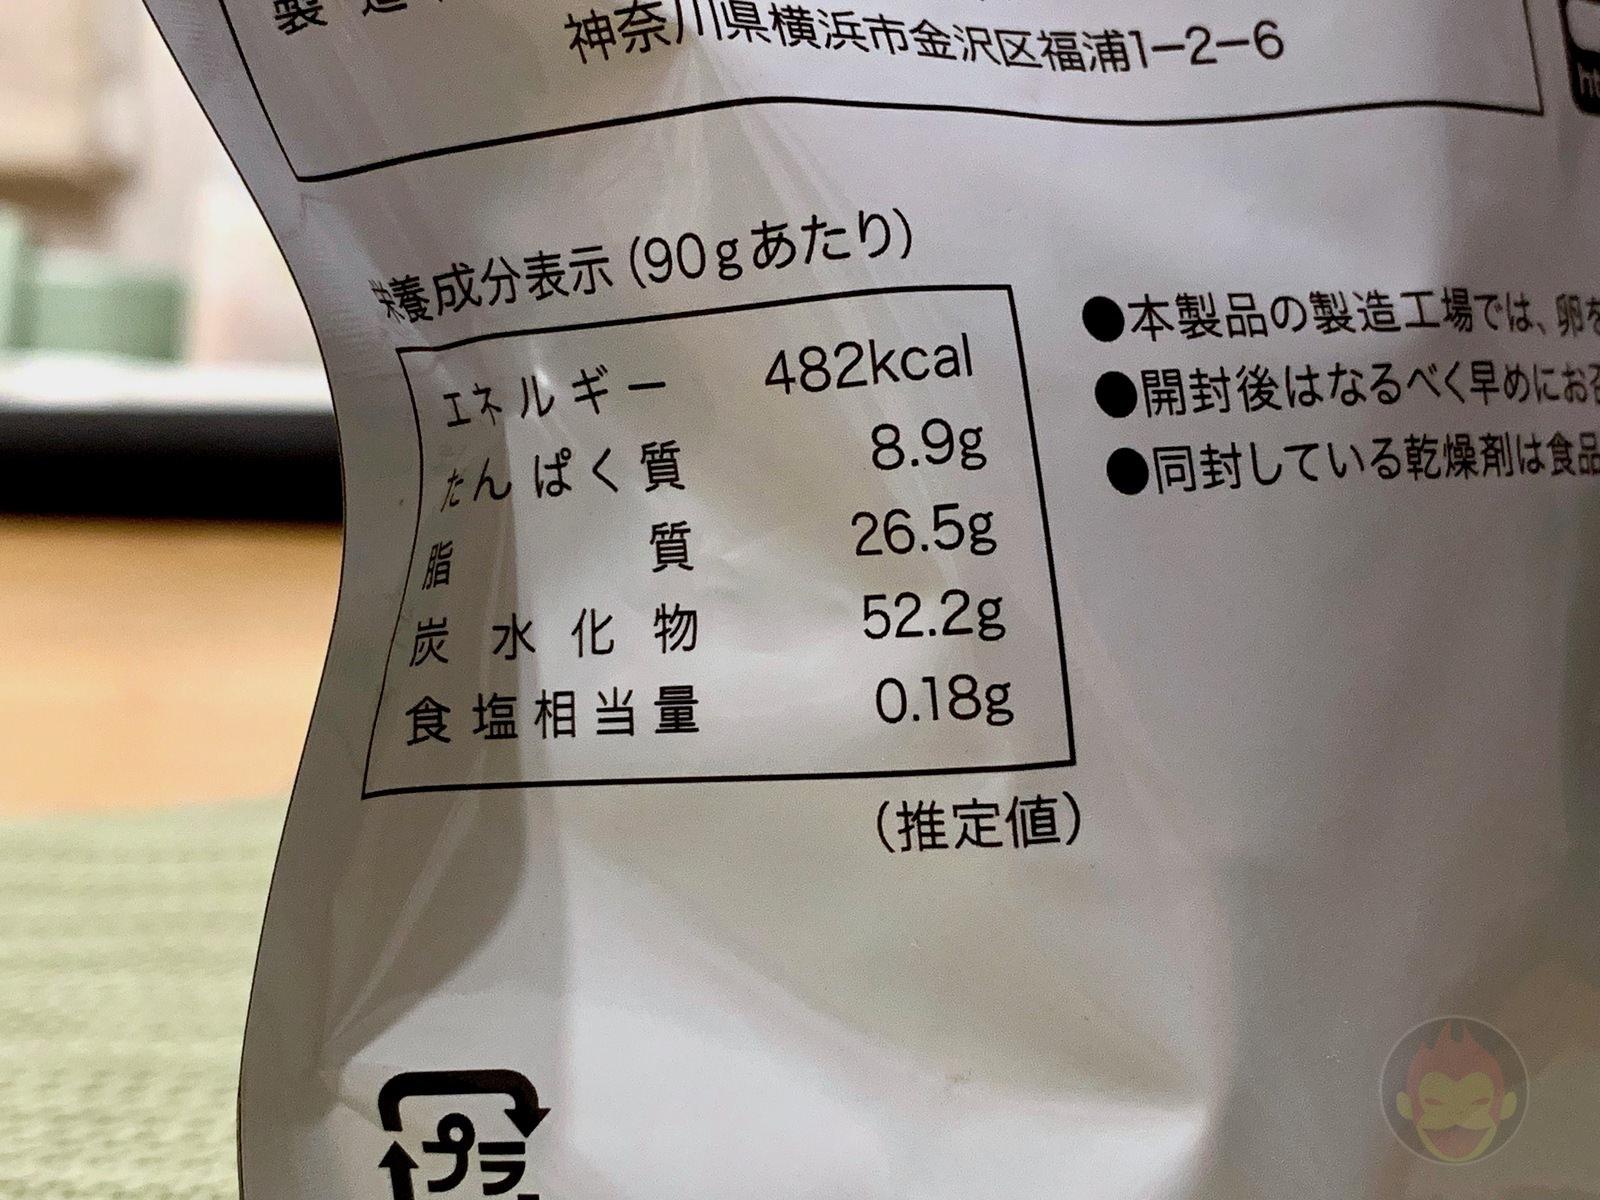 Seijo-Ishii-Cookies-03.jpg